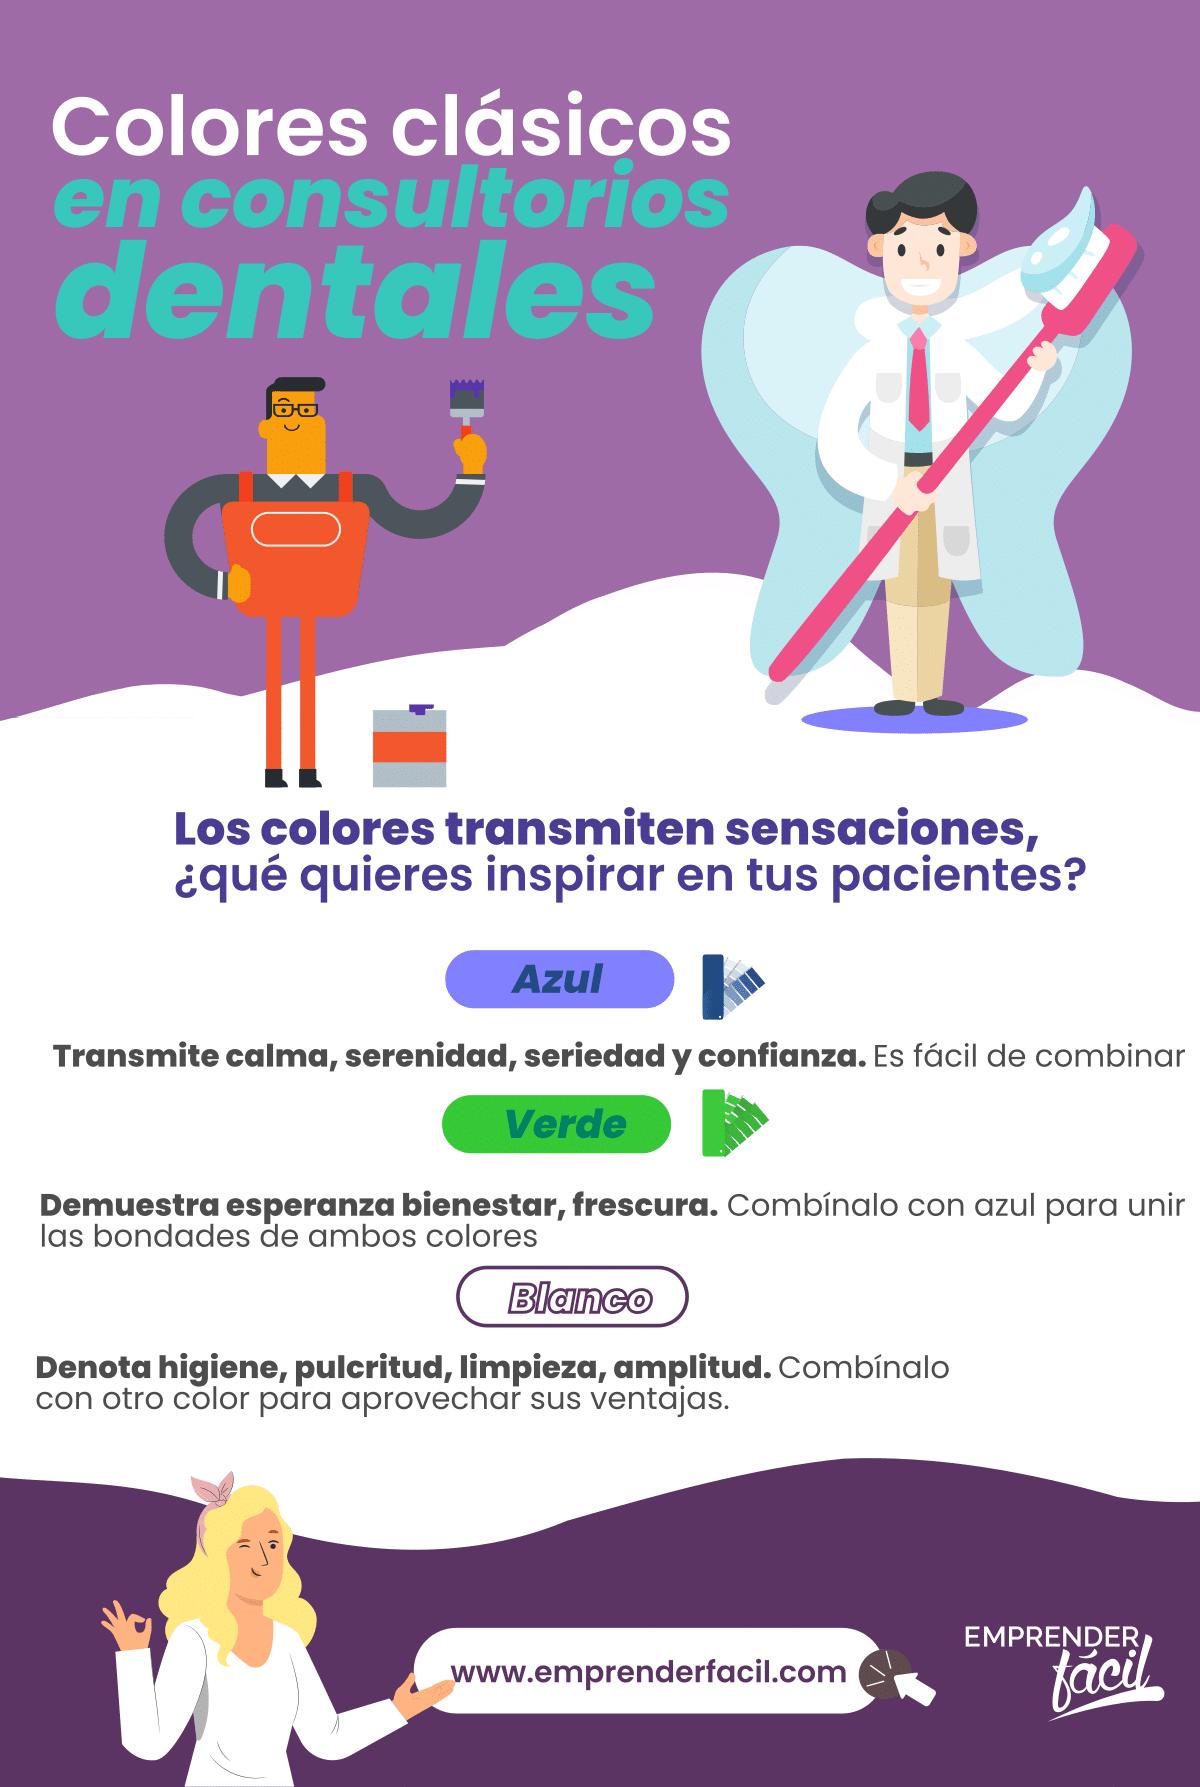 Las tonalidades ideales para consultorios dentales.